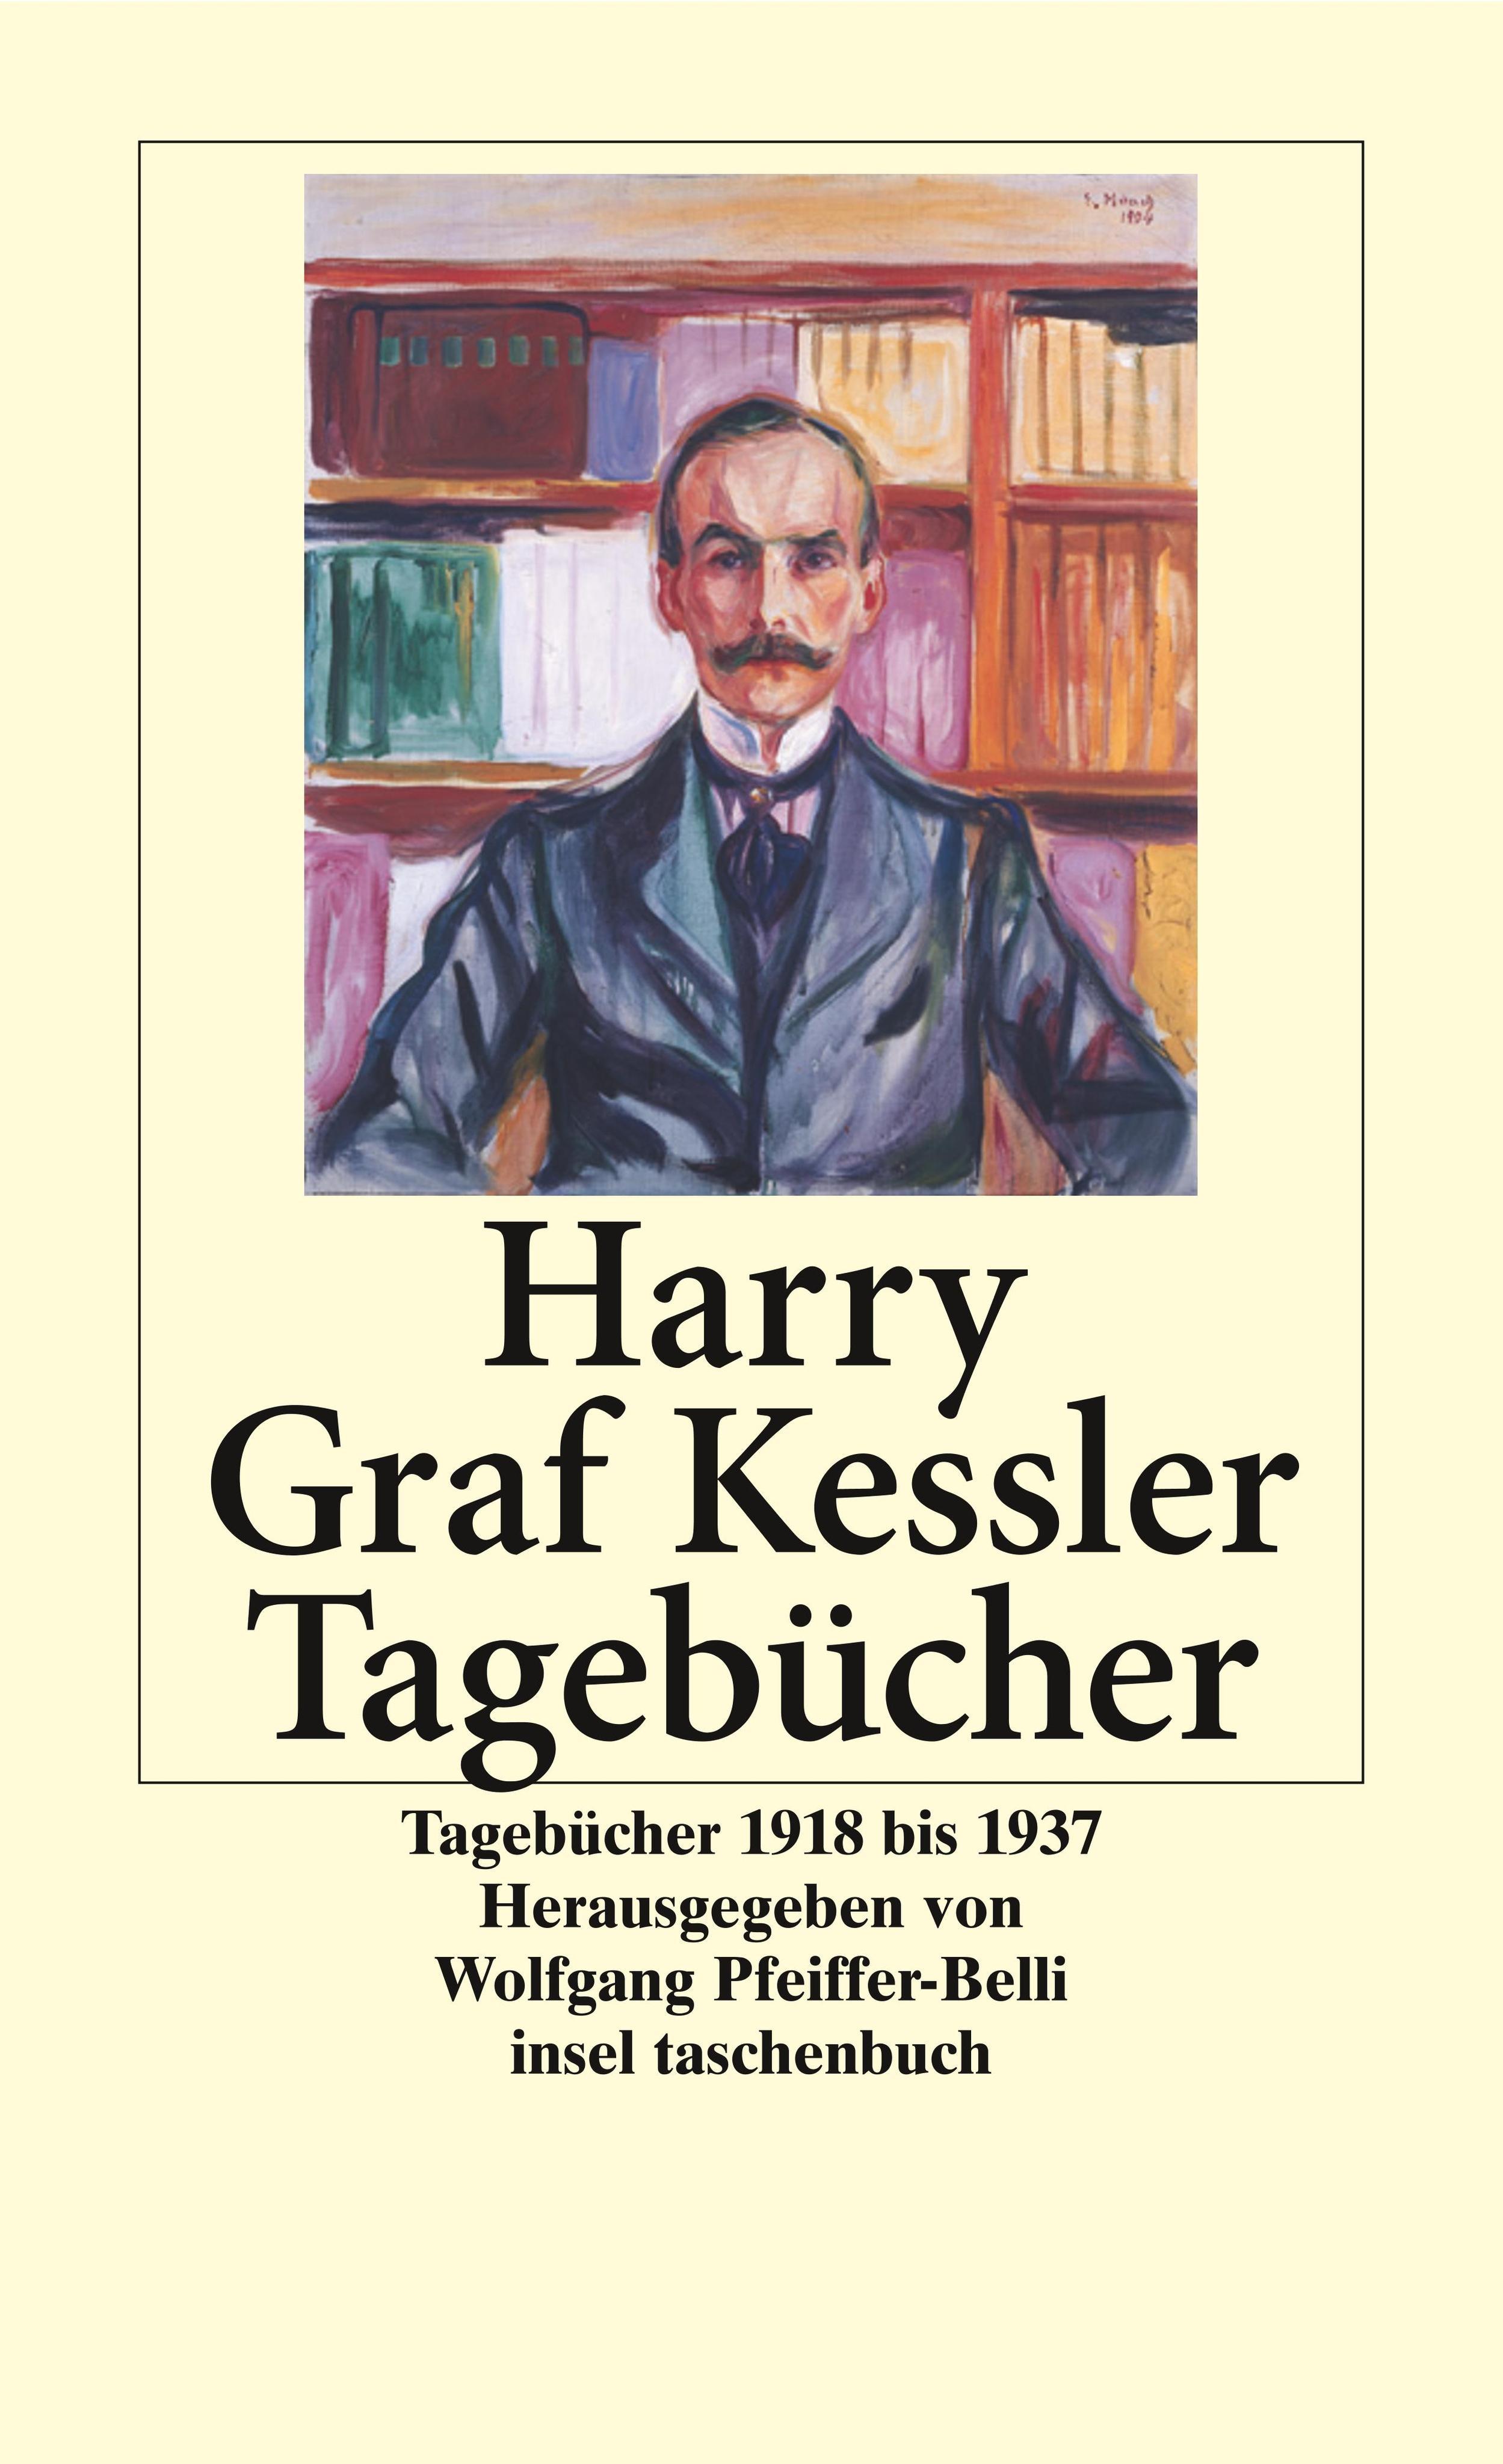 Tagebücher 1918 - 1937 Harry Graf Kessler